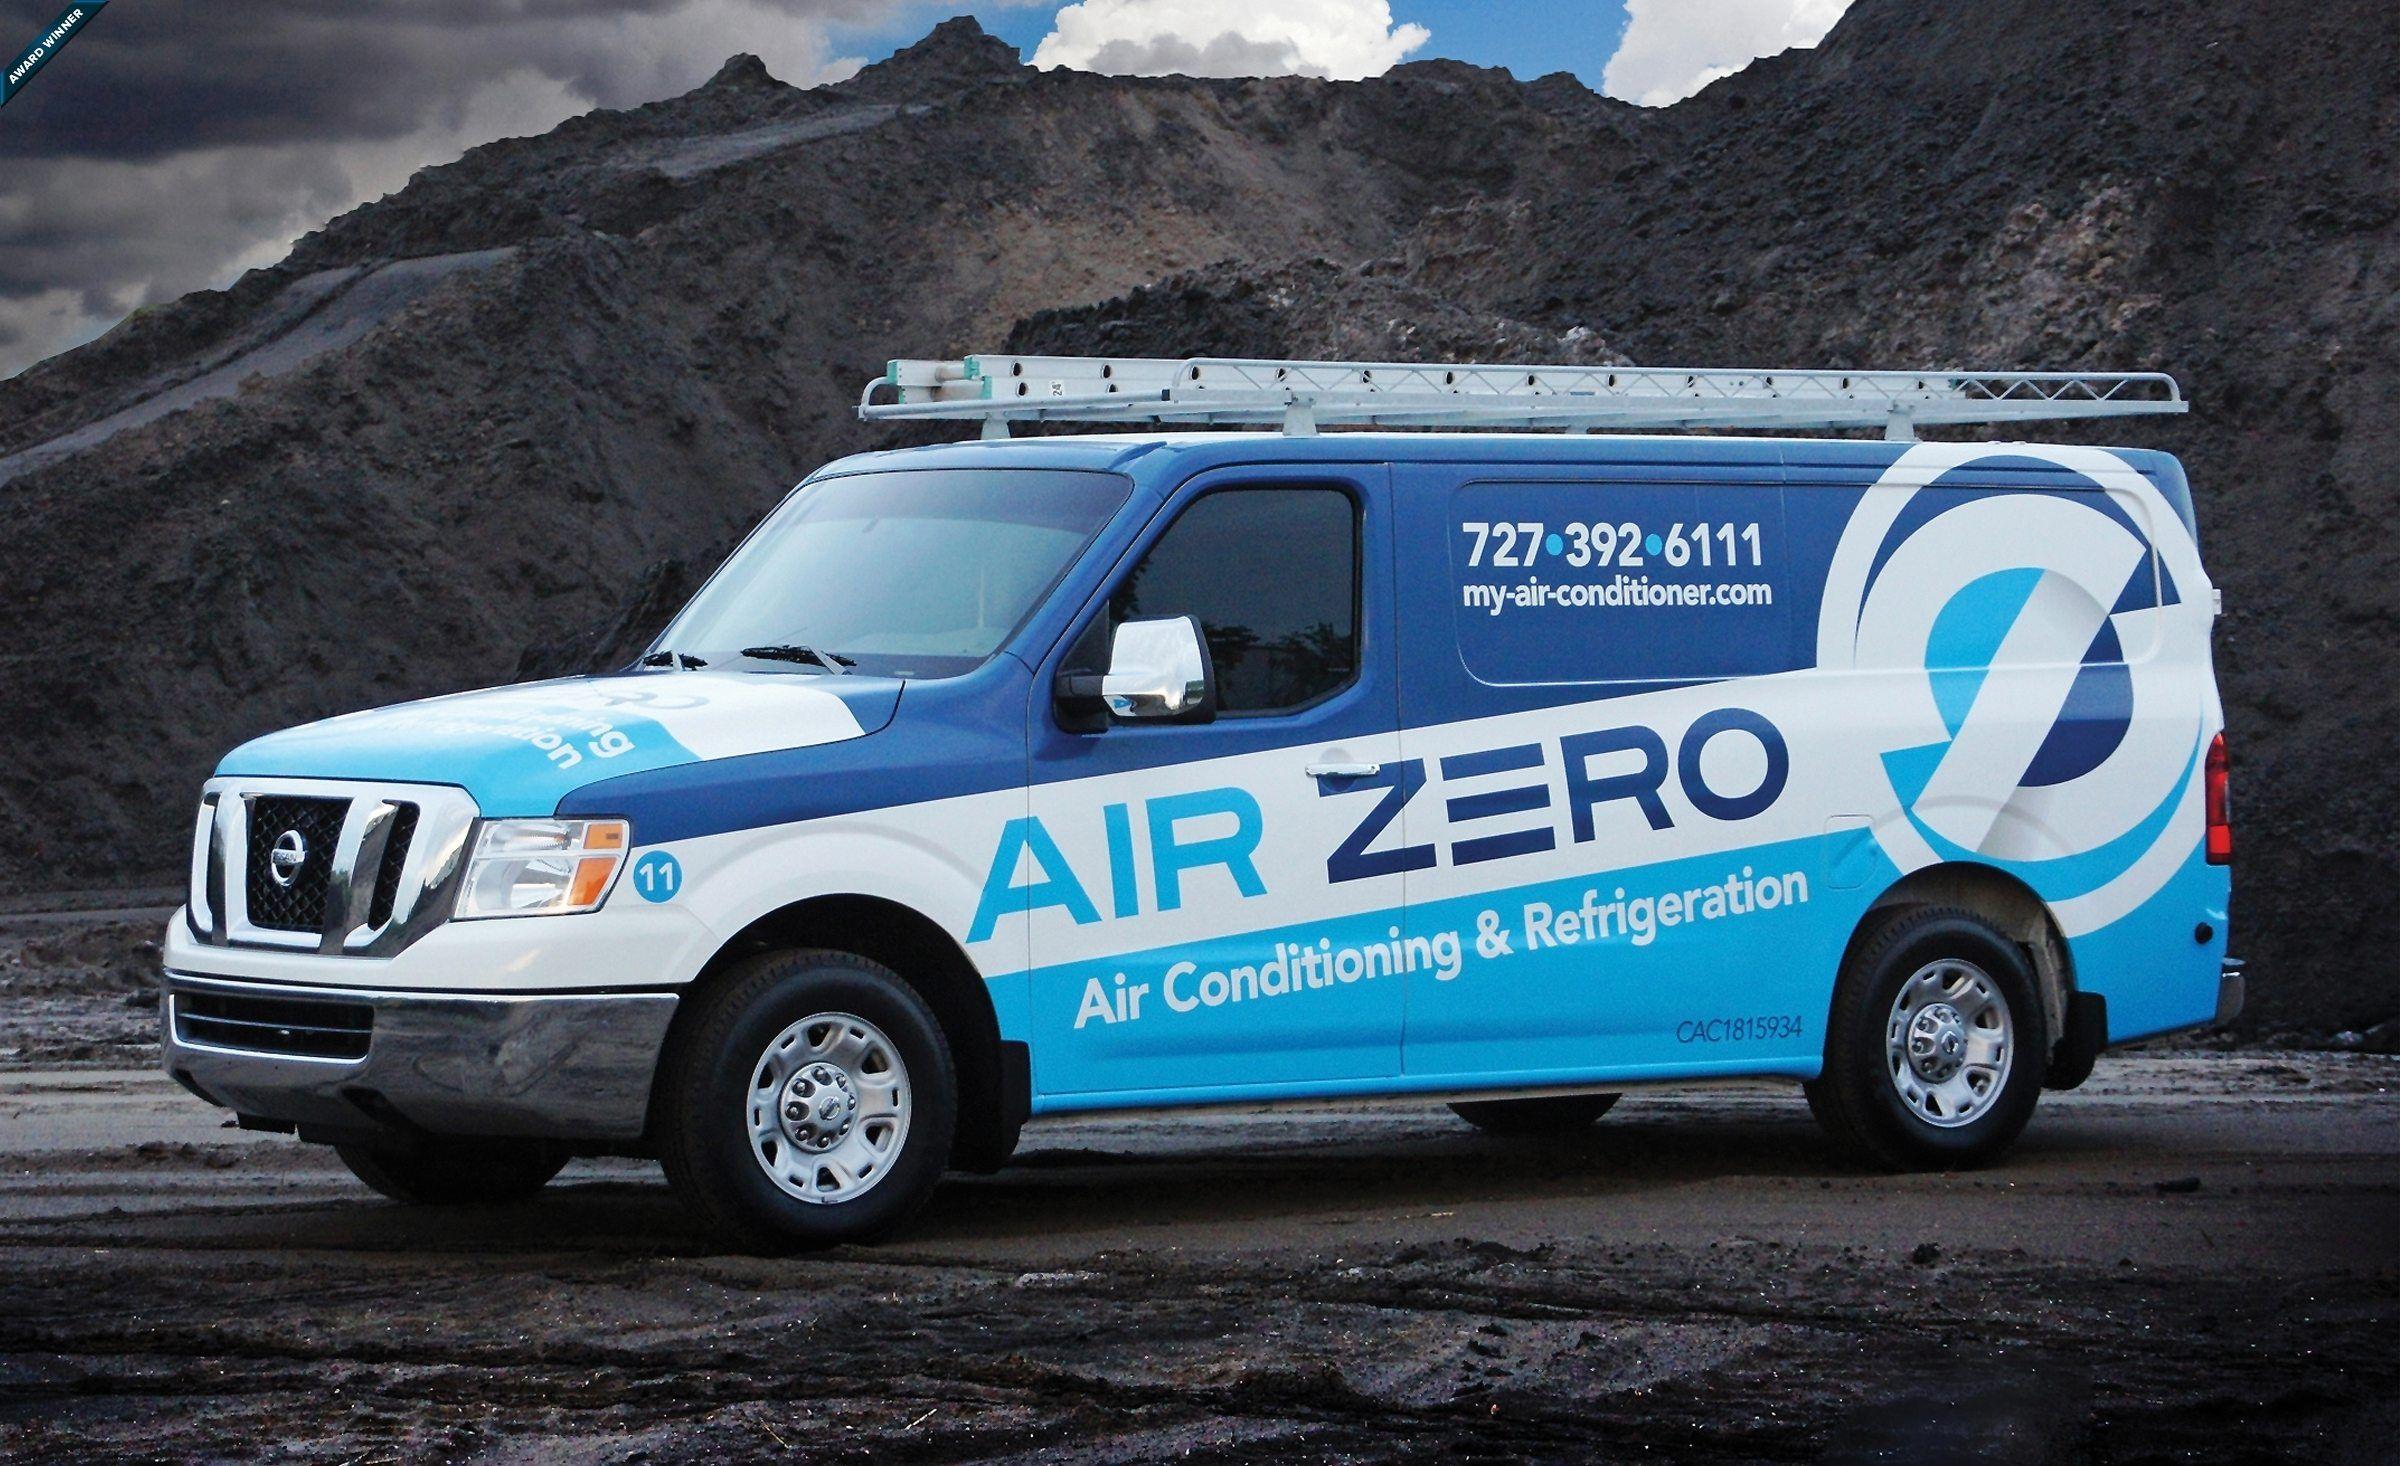 Our Best Truck Wraps Best HVAC Van Wraps Fleet Branding NJ